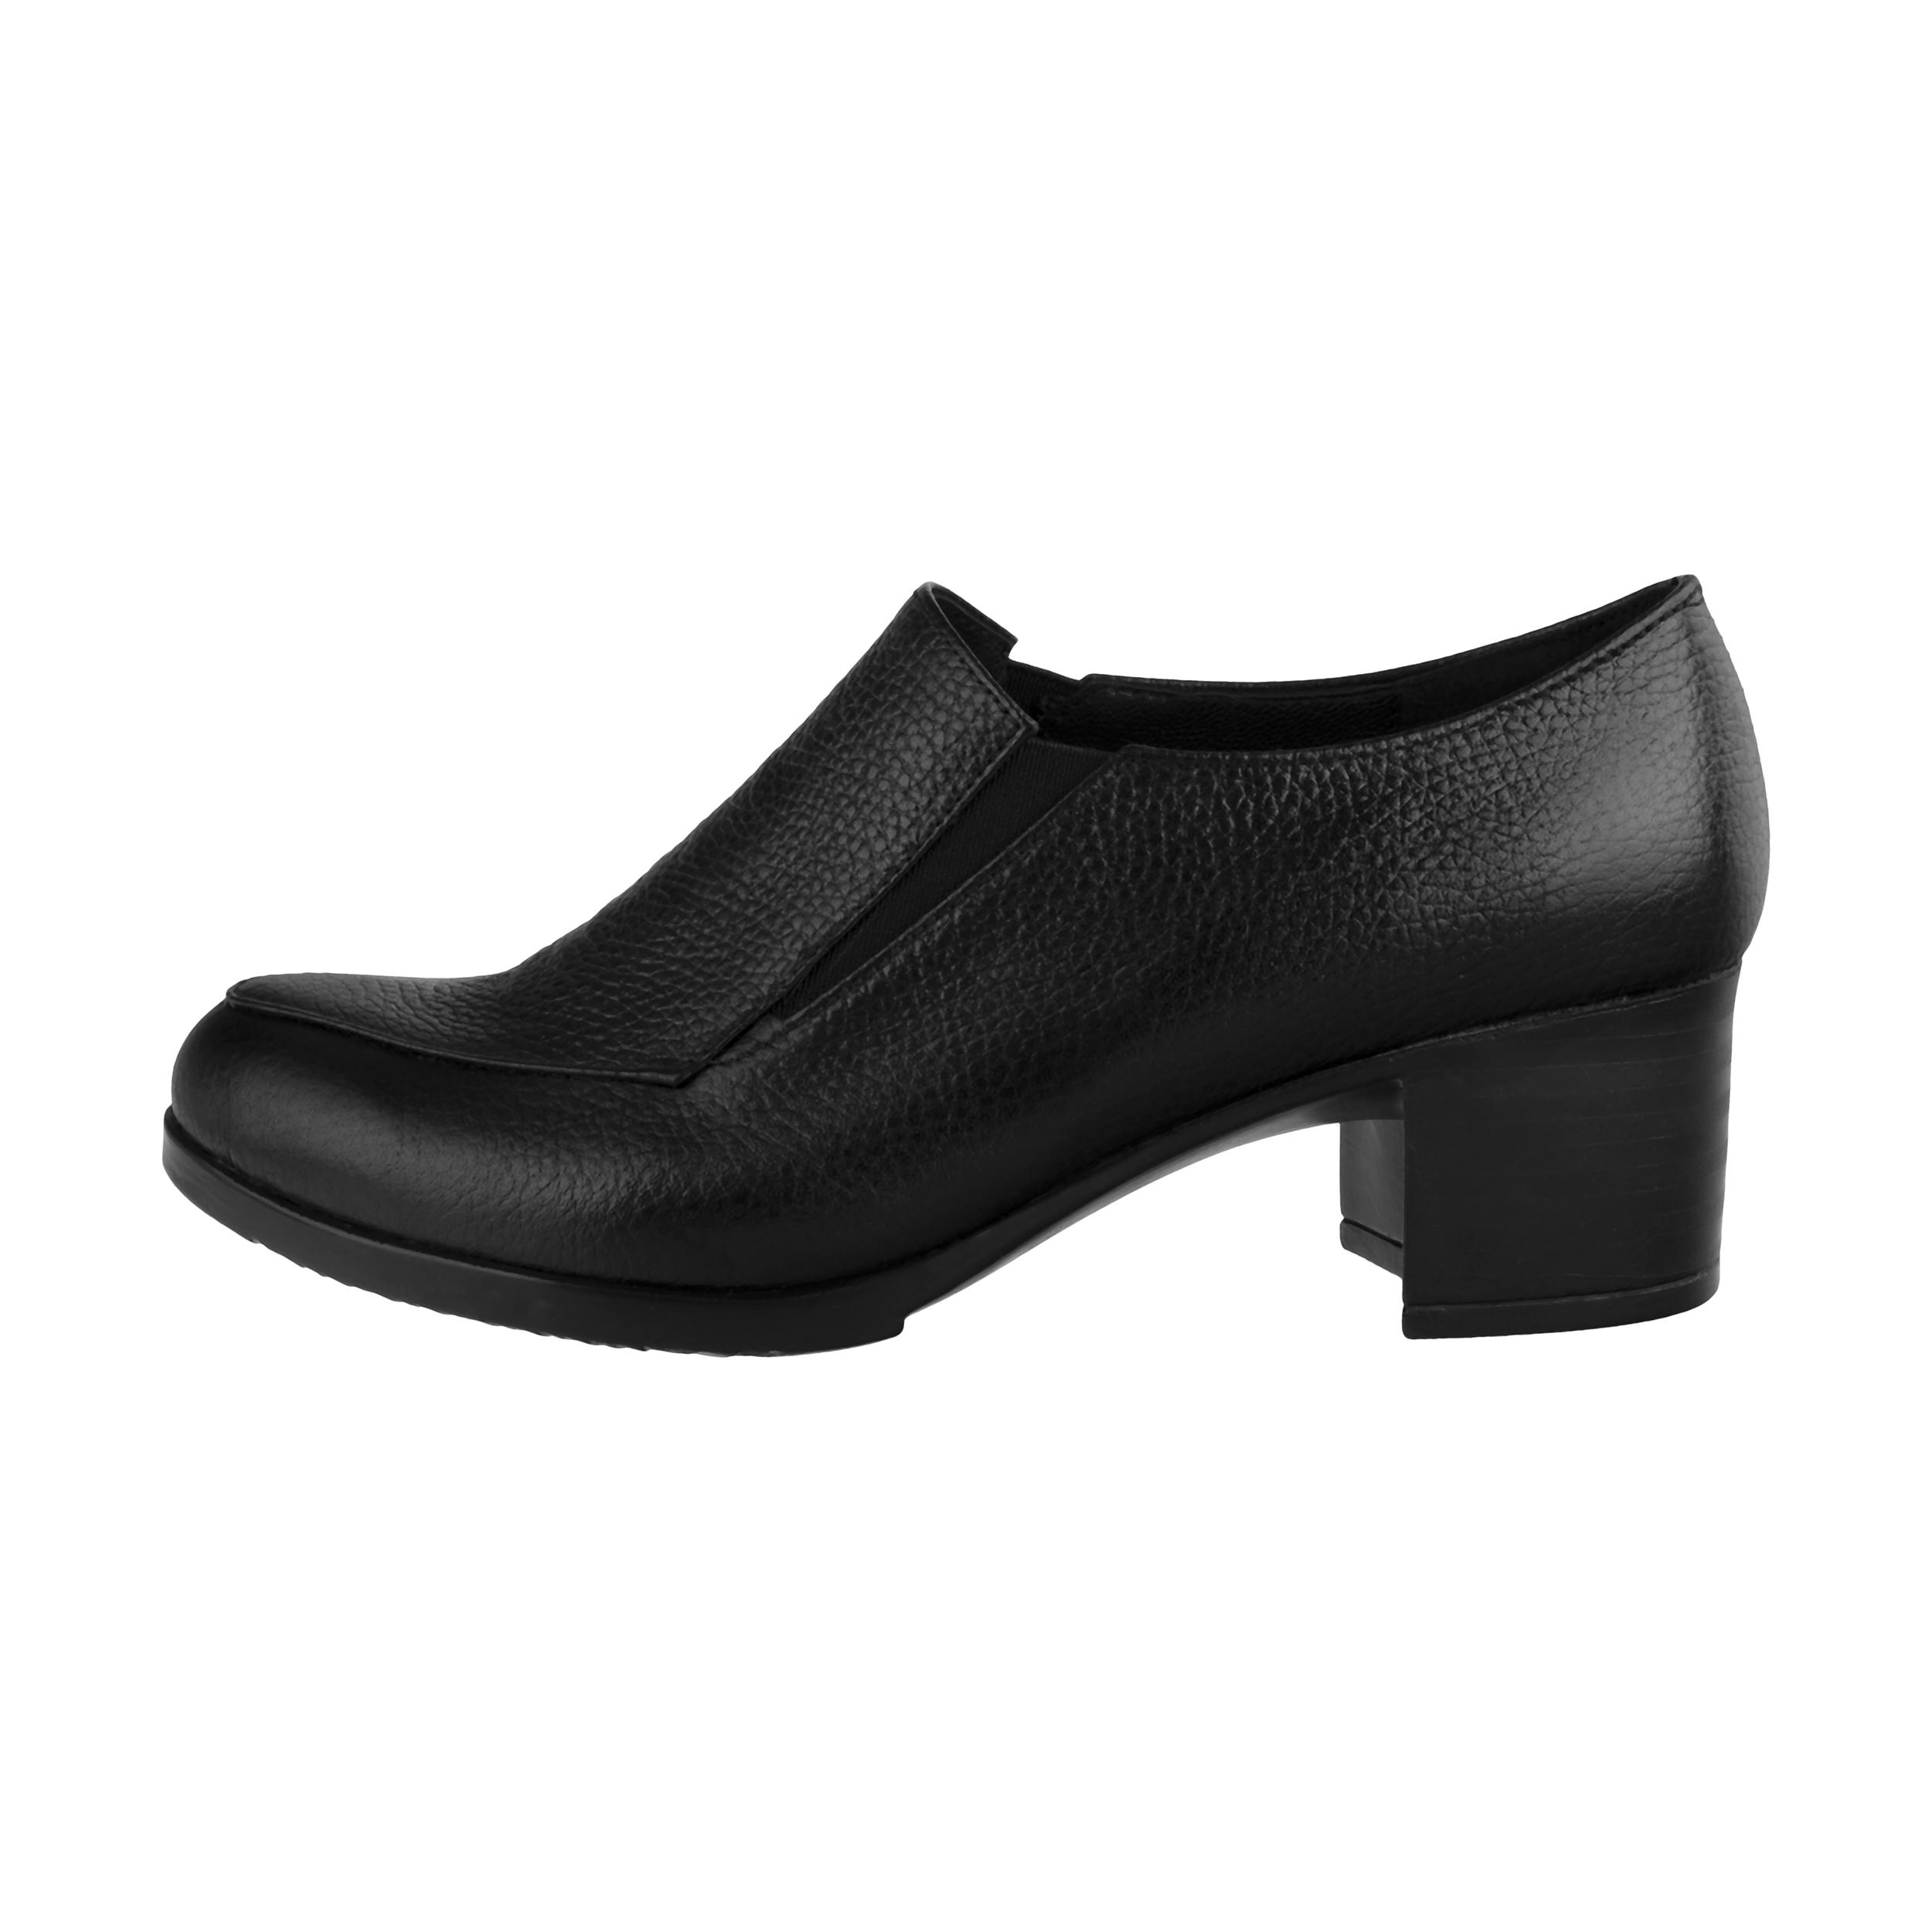 کفش پاشنه دار زنانه شیفر 5335a500101